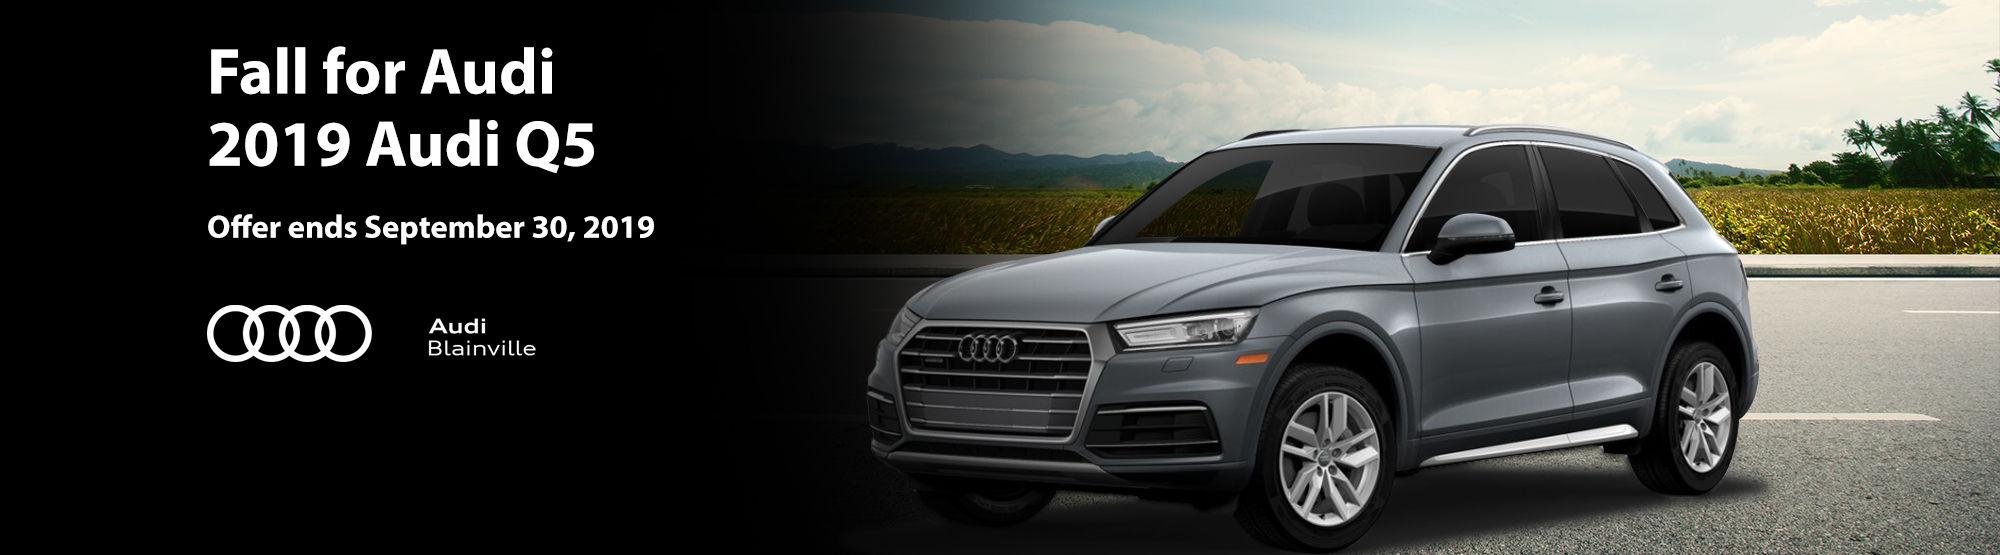 Audi Q5 September 2019